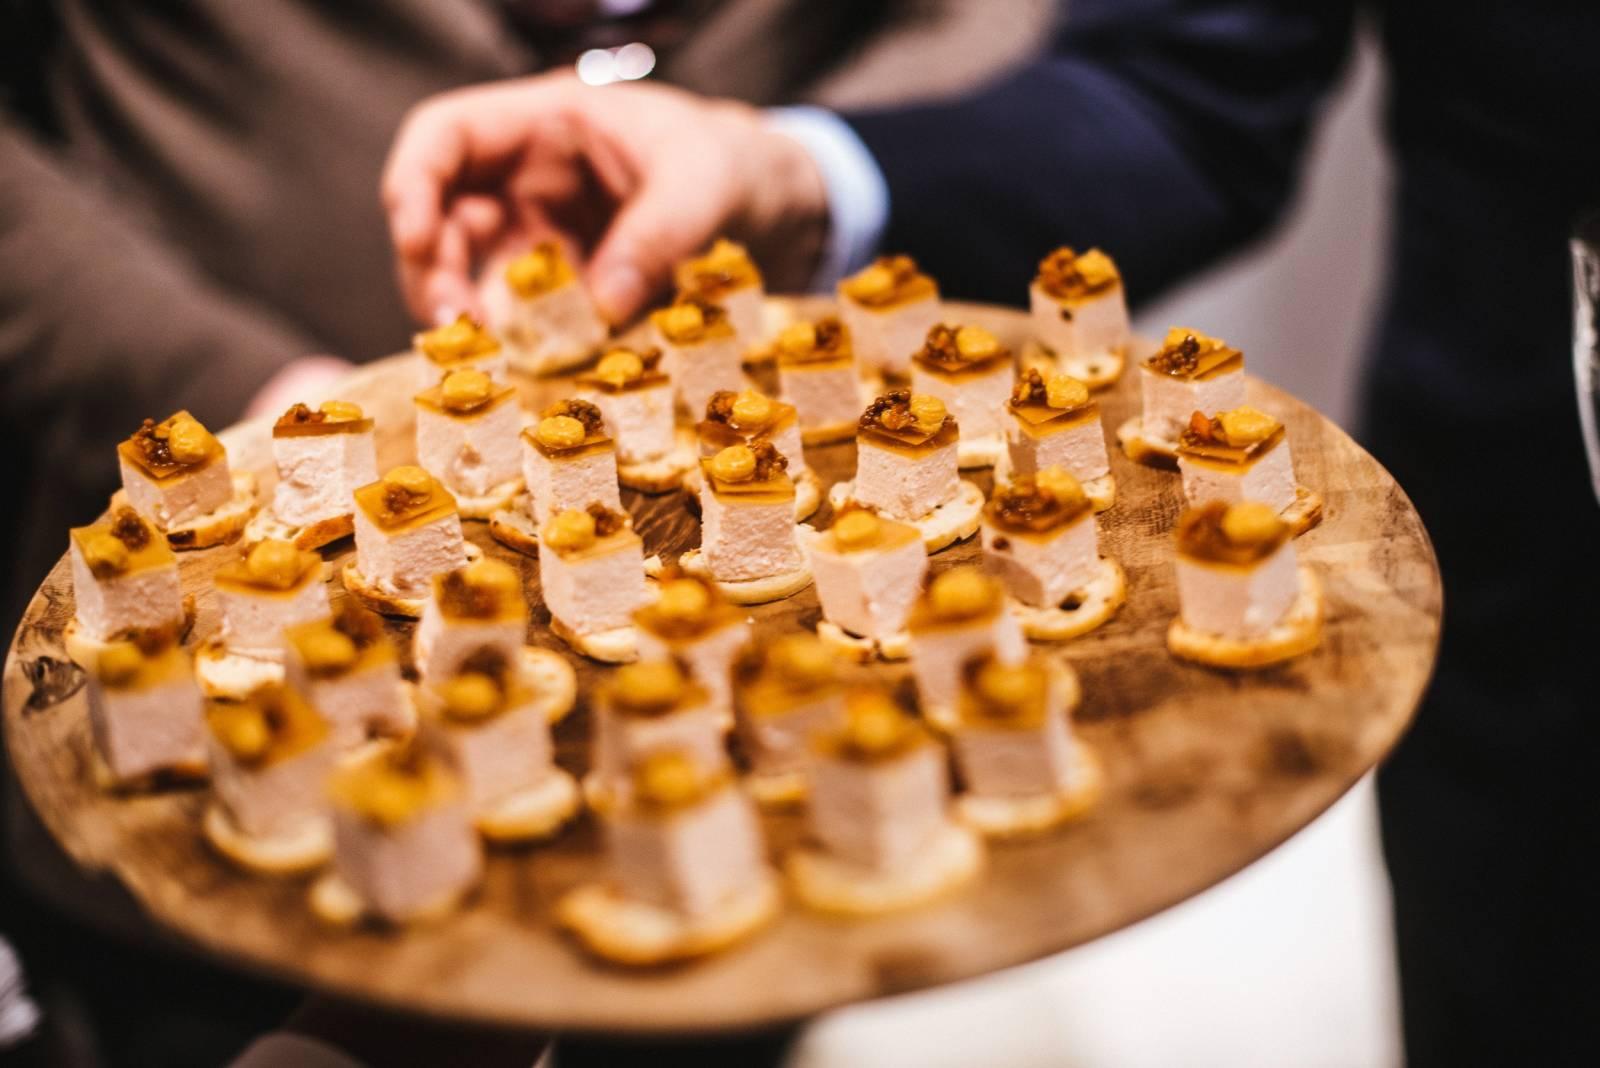 Dîner Privé - Catering Huwelijk Trouw Bruiloft - Cateraar - Traiteur - House of Weddings - 7